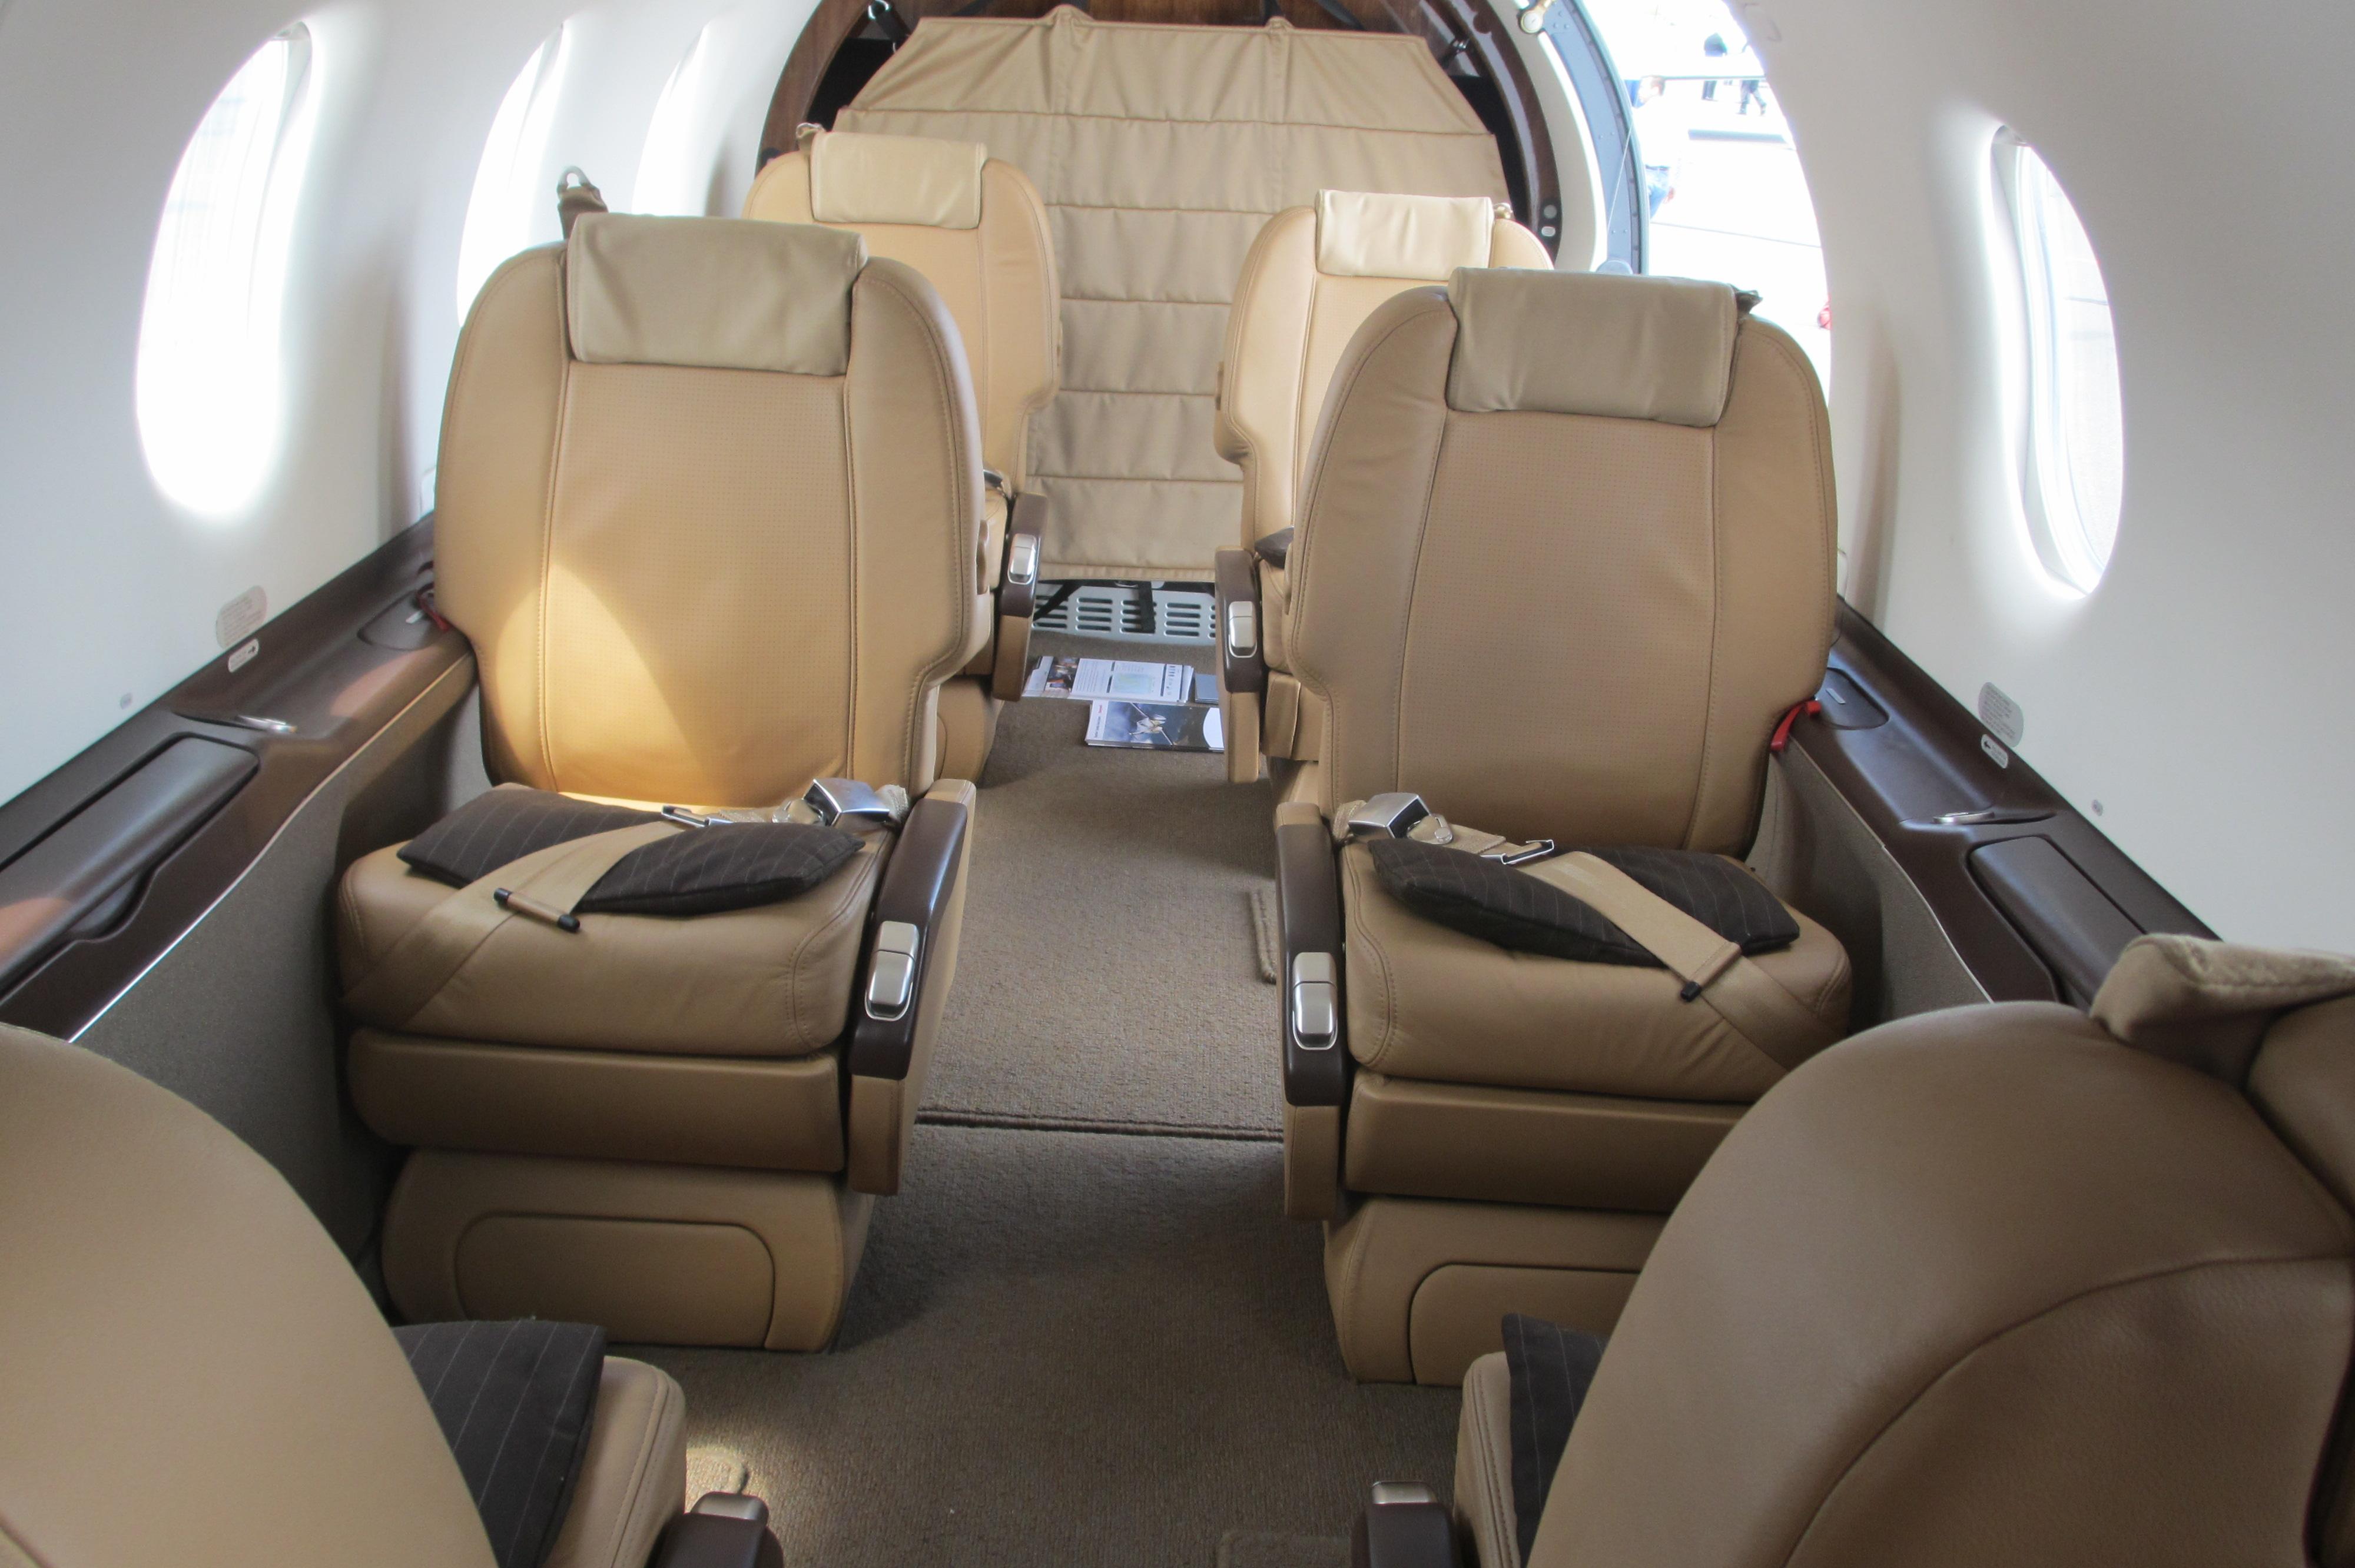 File:Pilatus PC-12 interior cabin.jpg